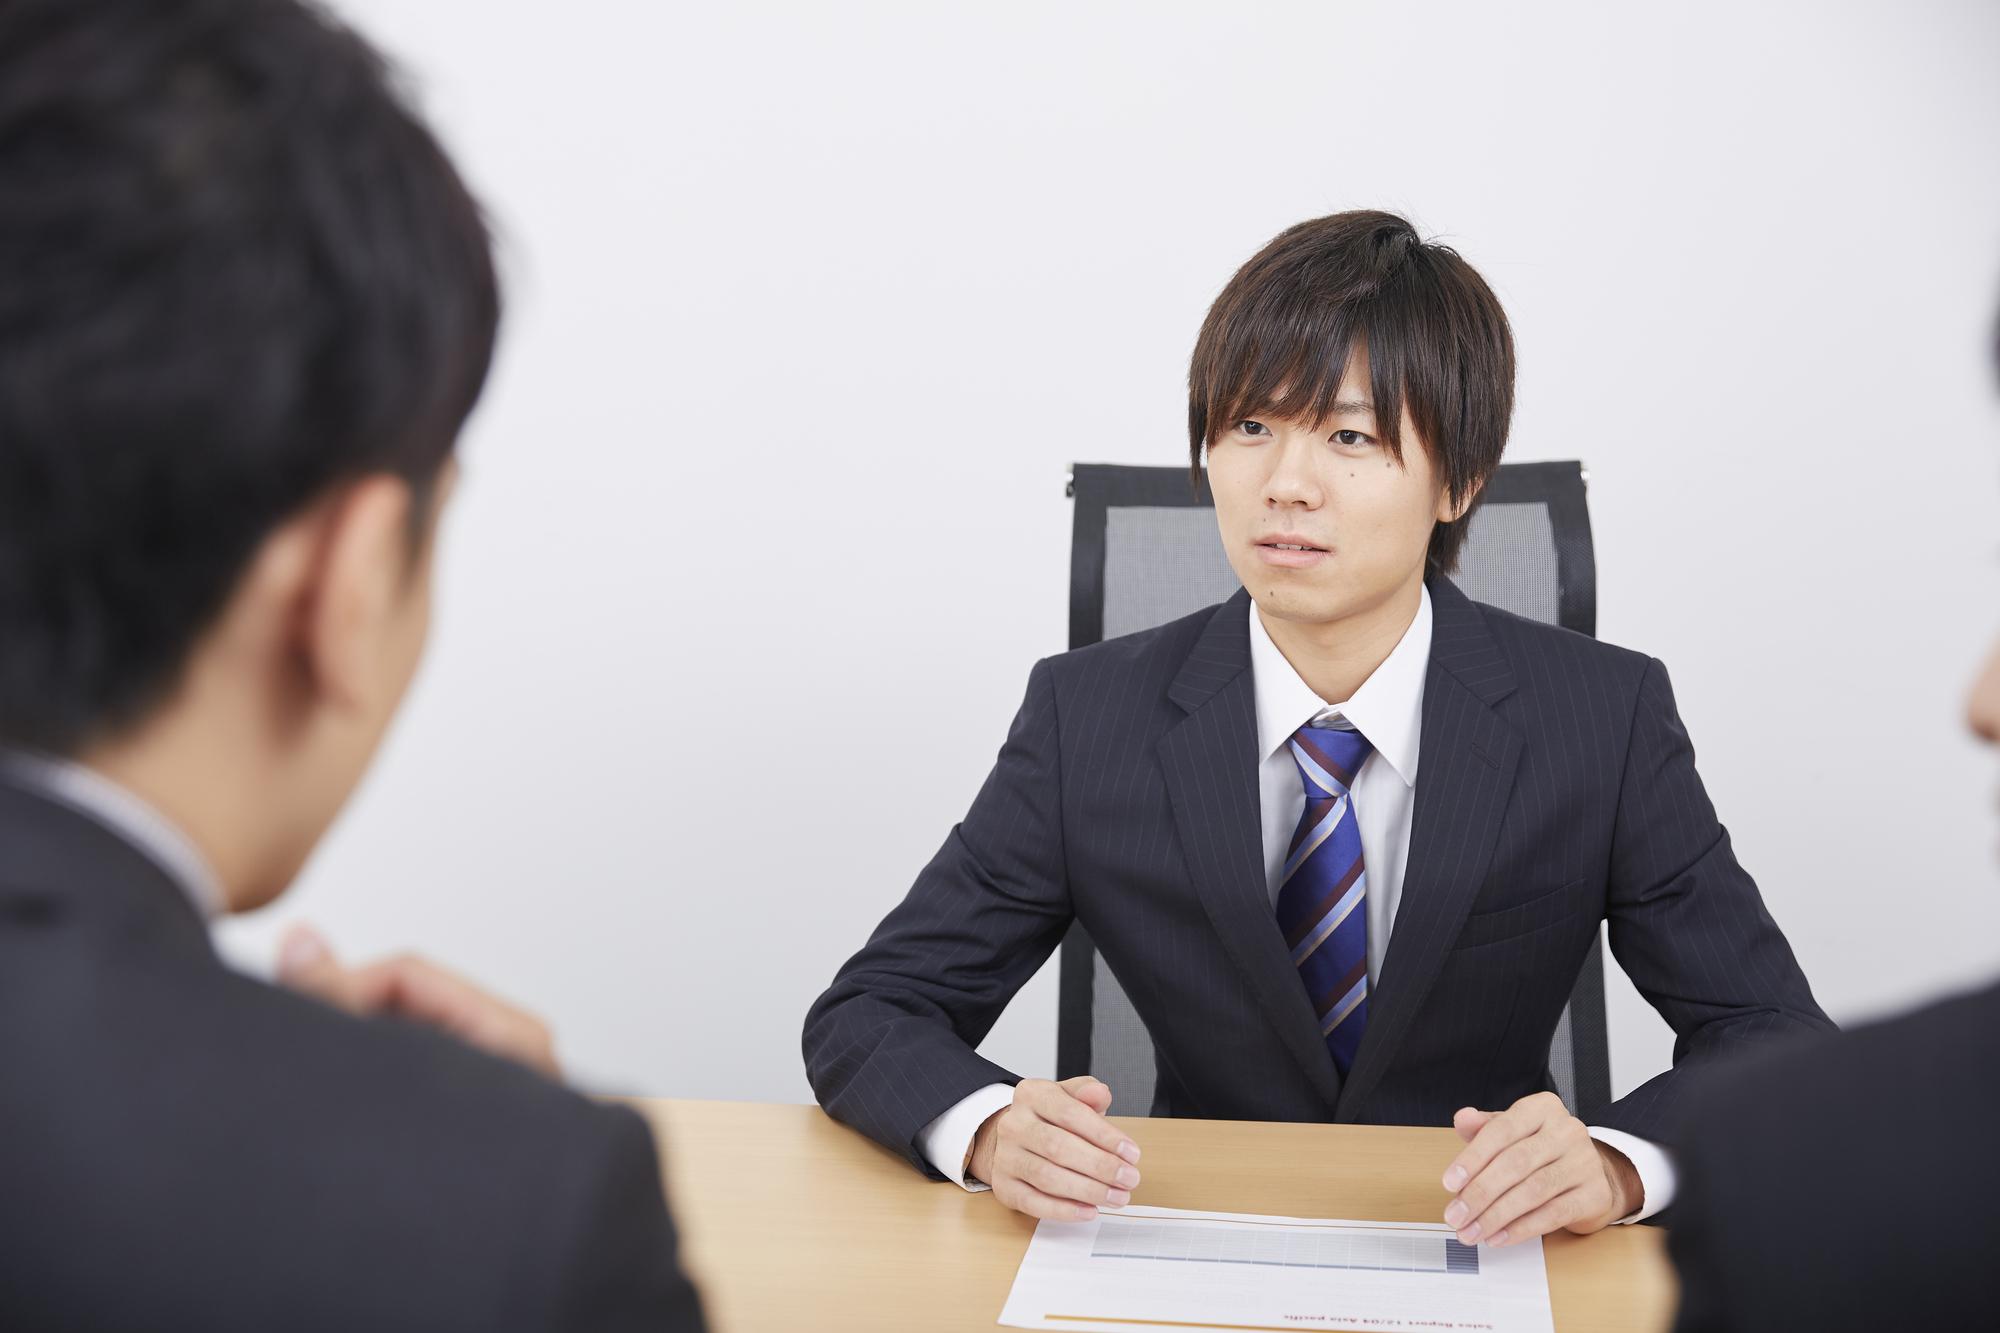 就活で失敗しないために注意すべき5つのこと